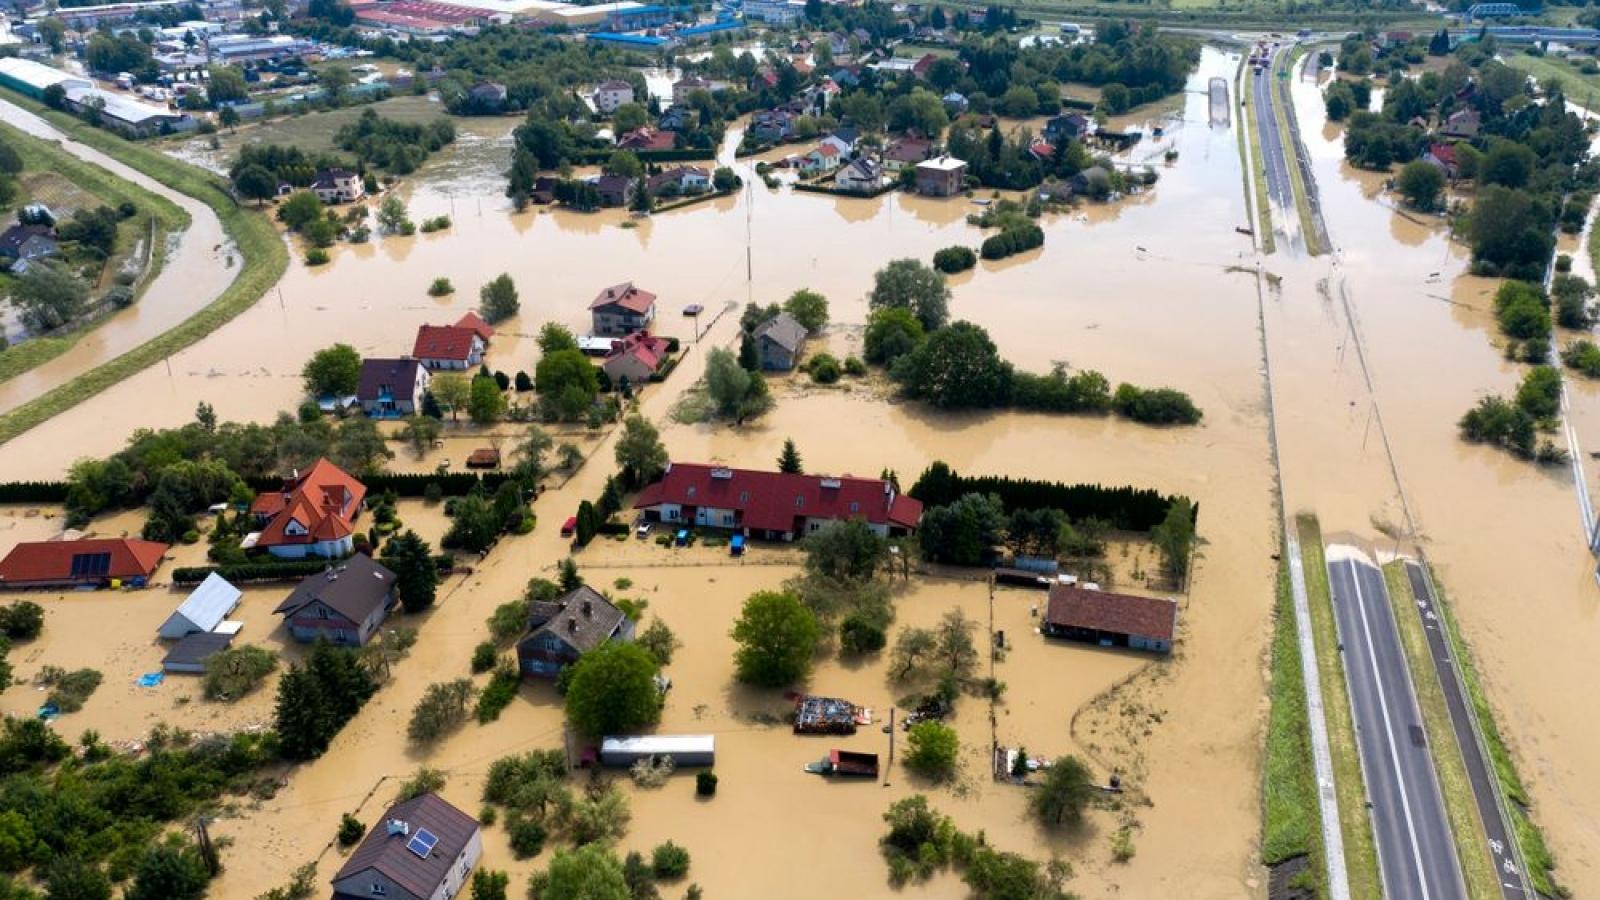 EC đề xuất hỗ trợ 7 triệu euro để hỗ trợ Ba Lan khắc phục thảm họa lũ lụt